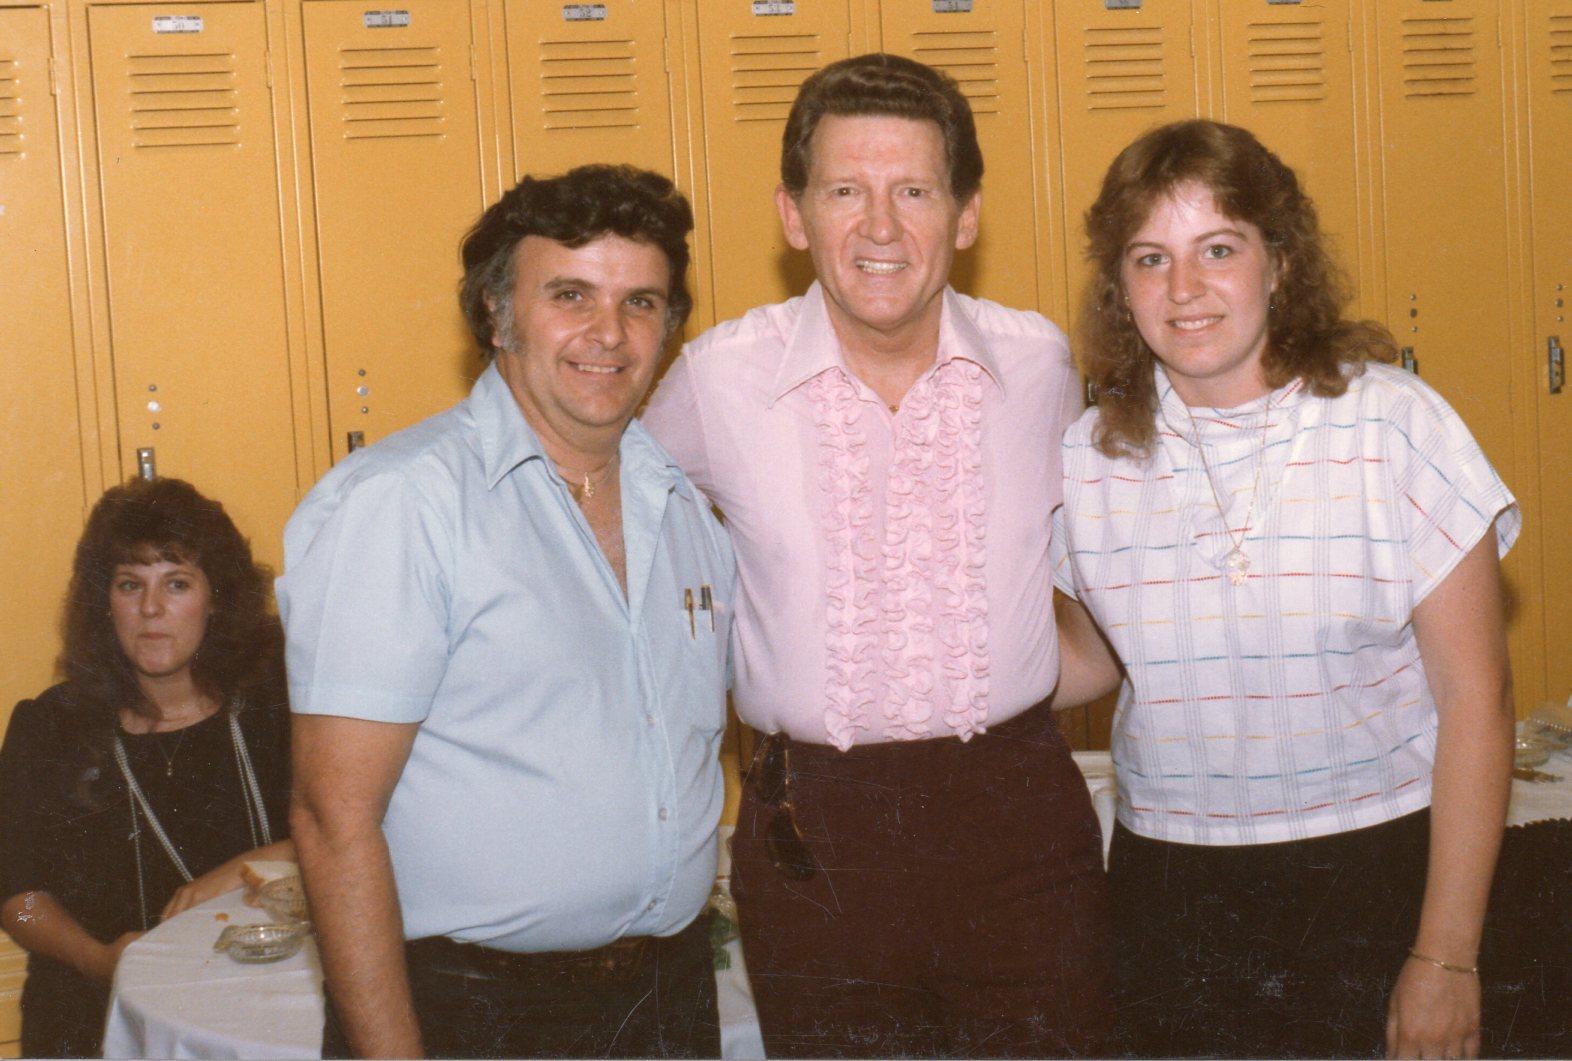 Jerry Lee Lewis & Pat Polk